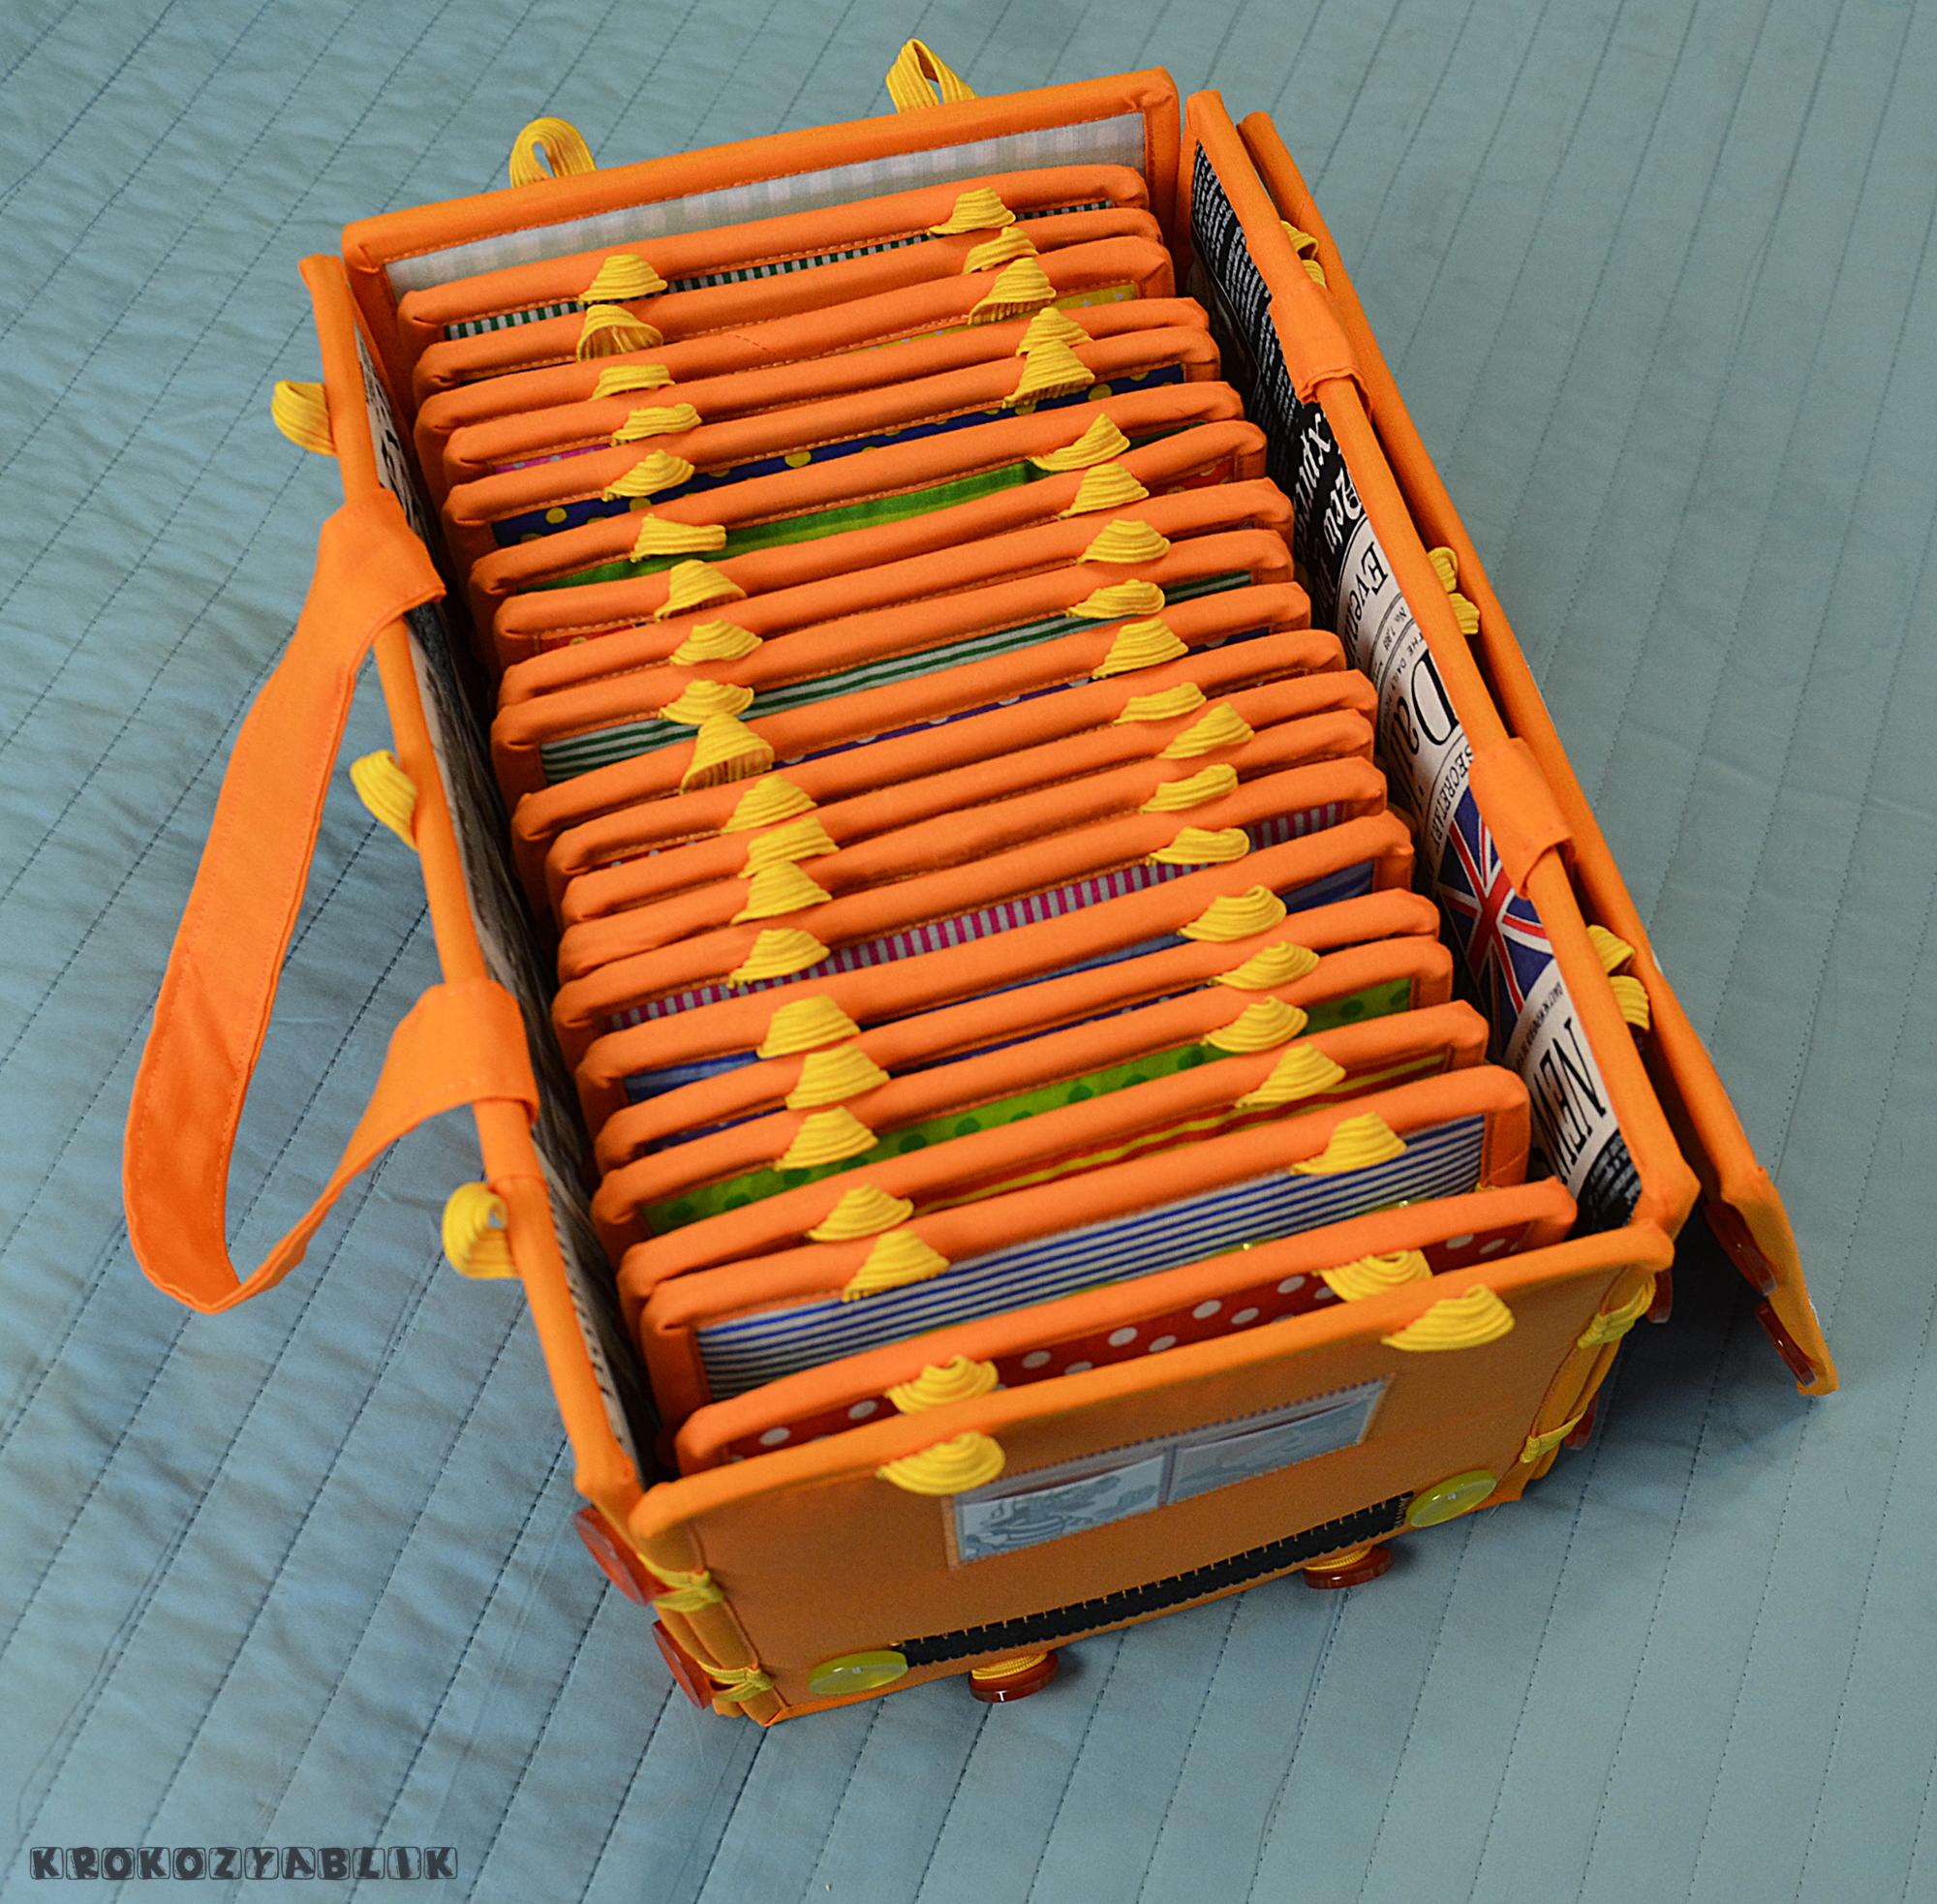 оранжевый автобус числовая массажная дорожка конструктор (8).JPG